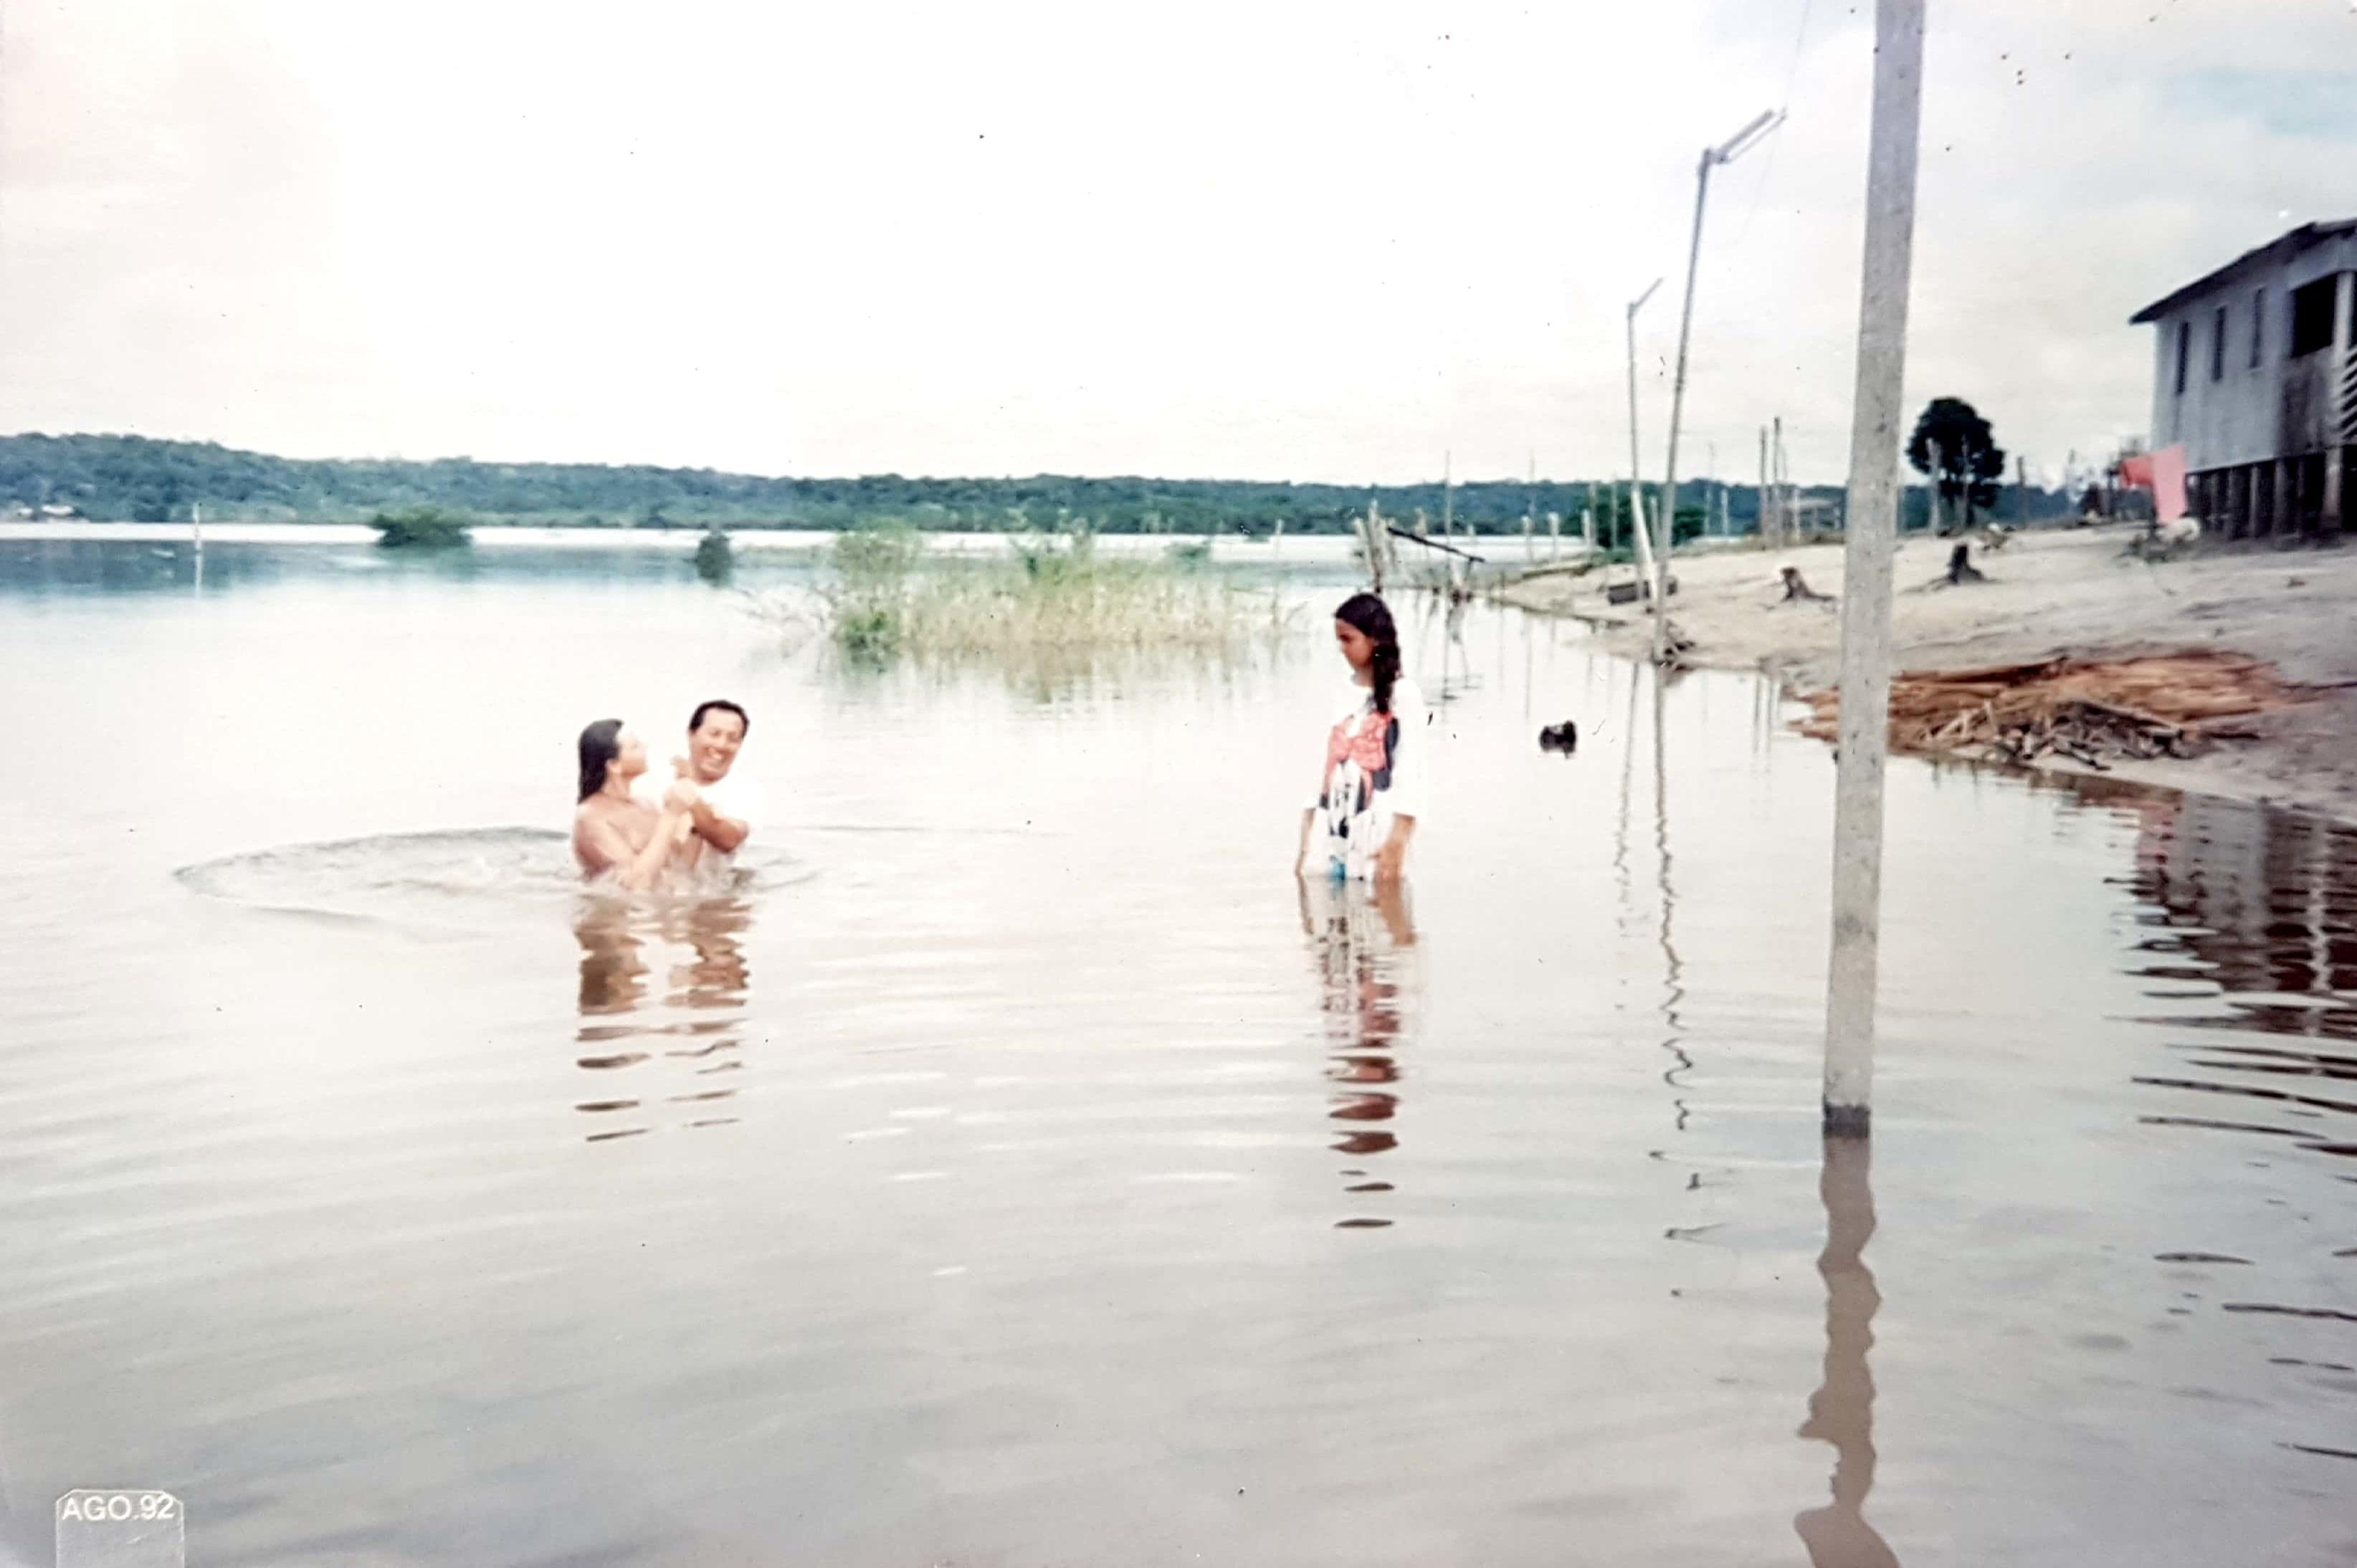 Em 02/06/1991 é realizado o primeiro batismo na MCE em Manaus, com quatro vidas confessando a Jesus como seu Salvador, dentre elas o casal Afonso e Gracinete.